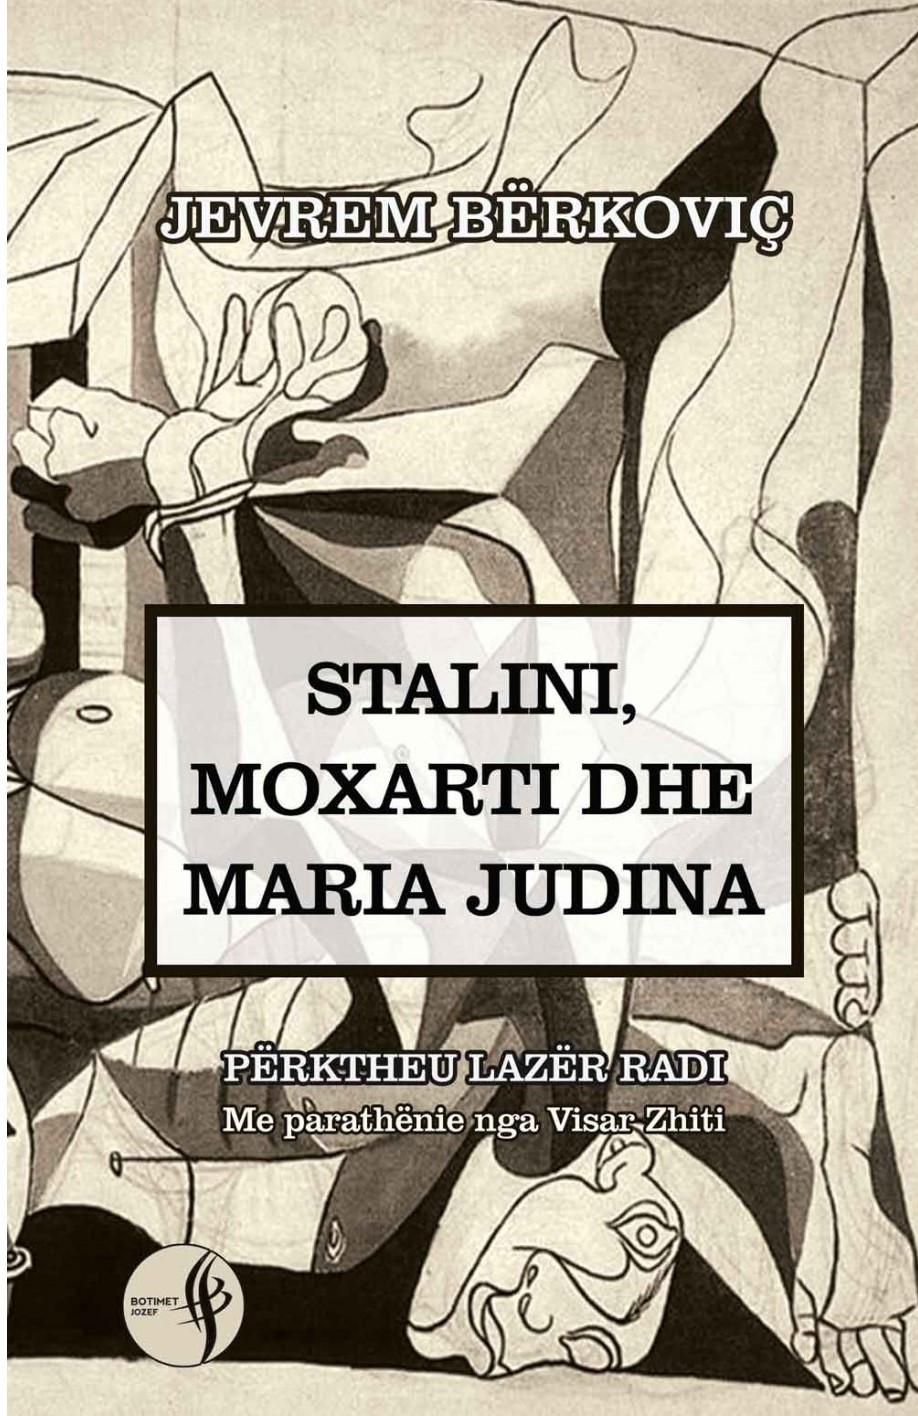 Stalini, Moxarti dhe Maria Judina